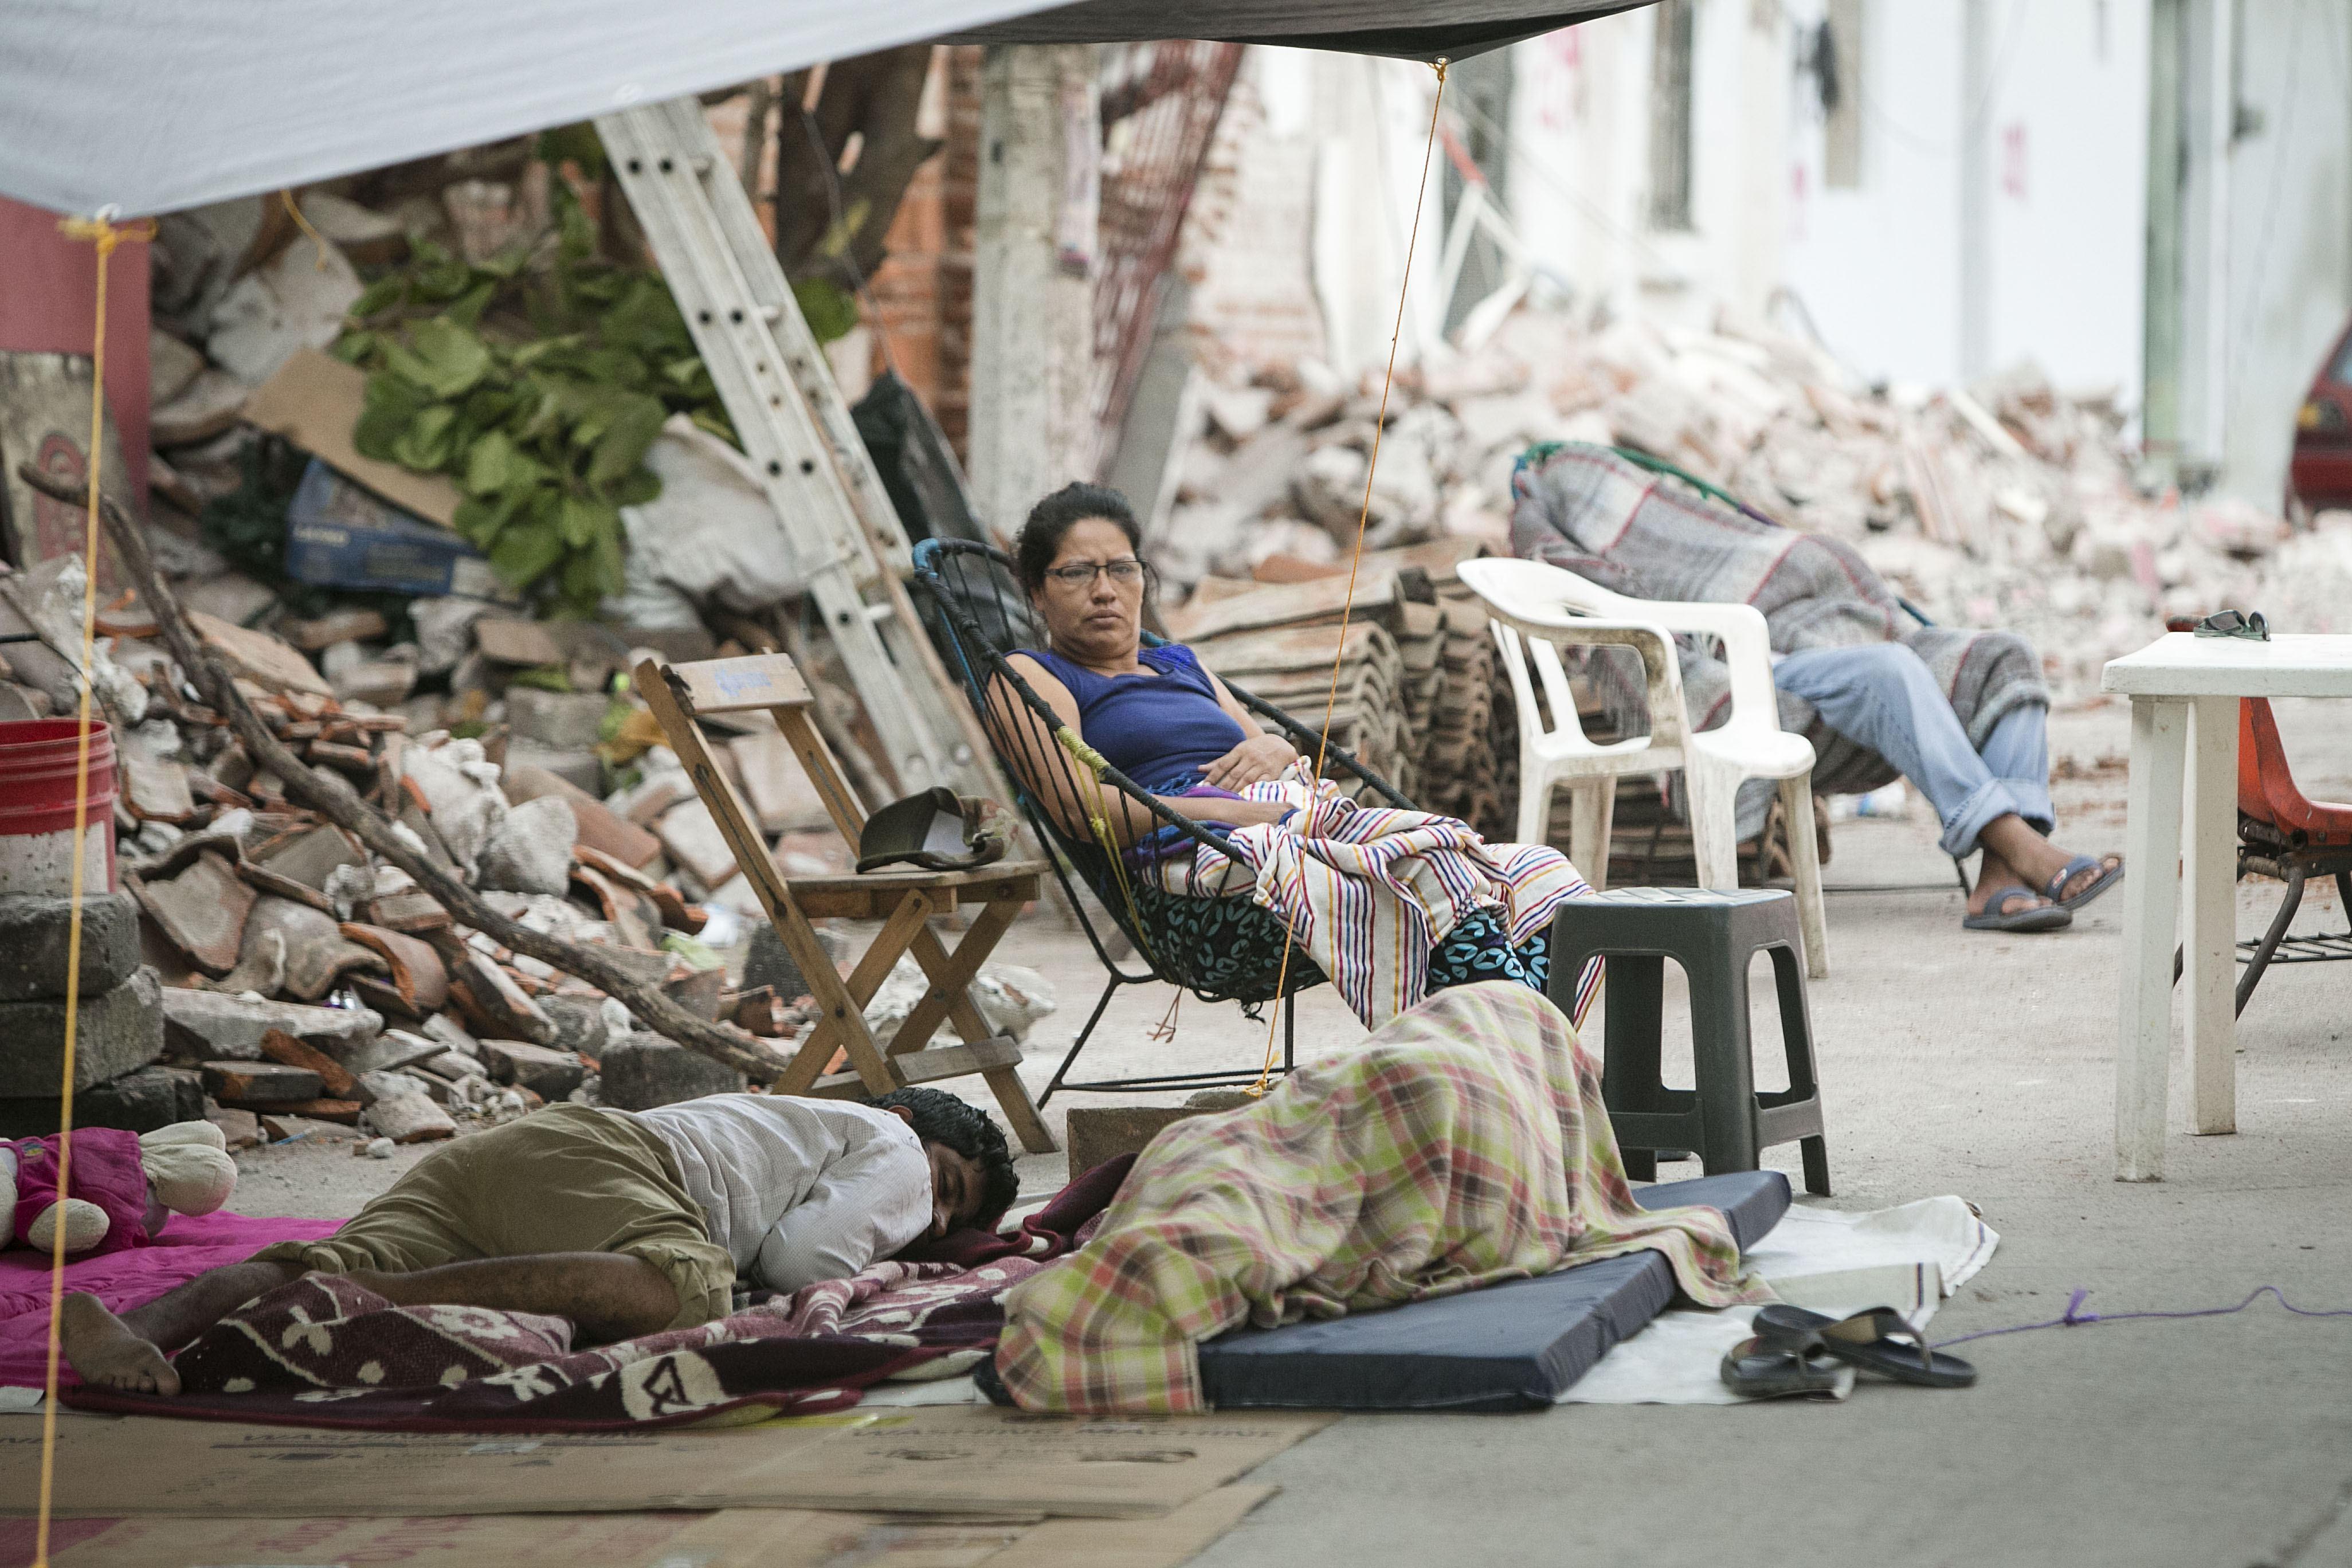 Residents del municipi de Juchitán dormen fora de les seves cases destruïdes pel terratrèmol que va afectar Mèxic el passat 7 de setembre. /MARIO ARTURO MARTÍNEZ